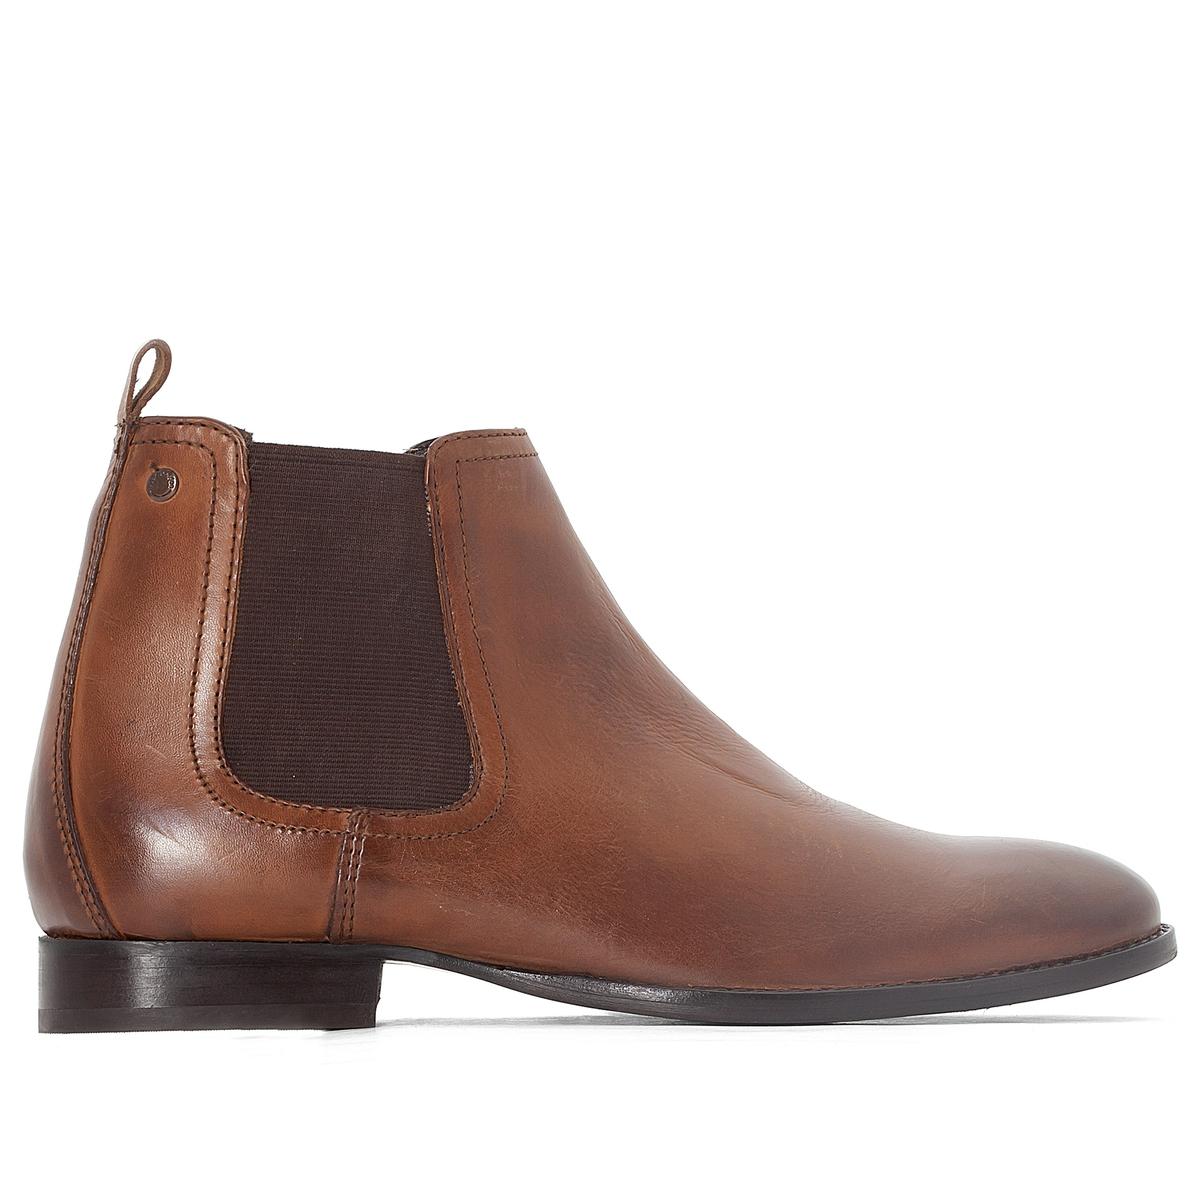 Ботинки-челси кожаные HOLTONОписание:Детали   •  Высота каблука : 2,5 см •  Застежка : эластичная вставка •  Заостренный мысок •  Гладкая отделкаСостав и уход   •  Верх 100% кожа •  Подкладка 50% кожи, 50% текстиля •  Стелька 100% кожа<br><br>Цвет: темно-коричневый